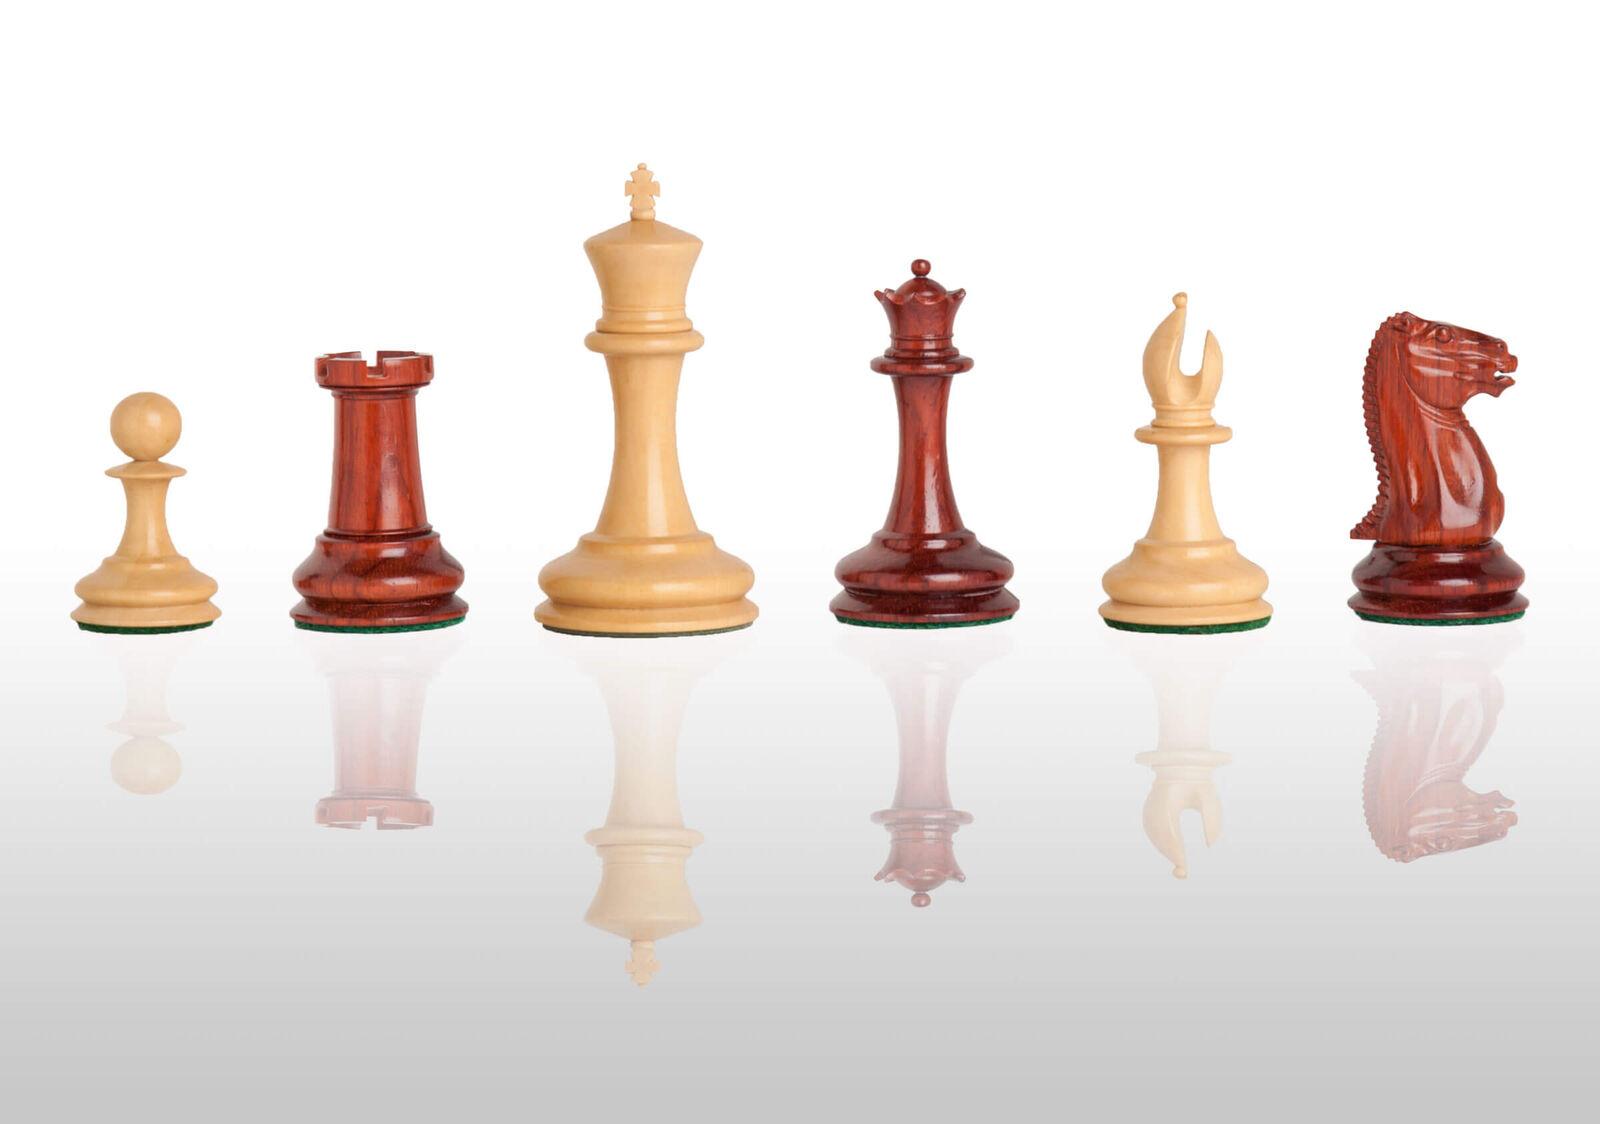 The Cooke Luxury Chess Set - Pieces Only  - 3.5  King - Blood Rosebois  avec 100% de qualité et 100% de service